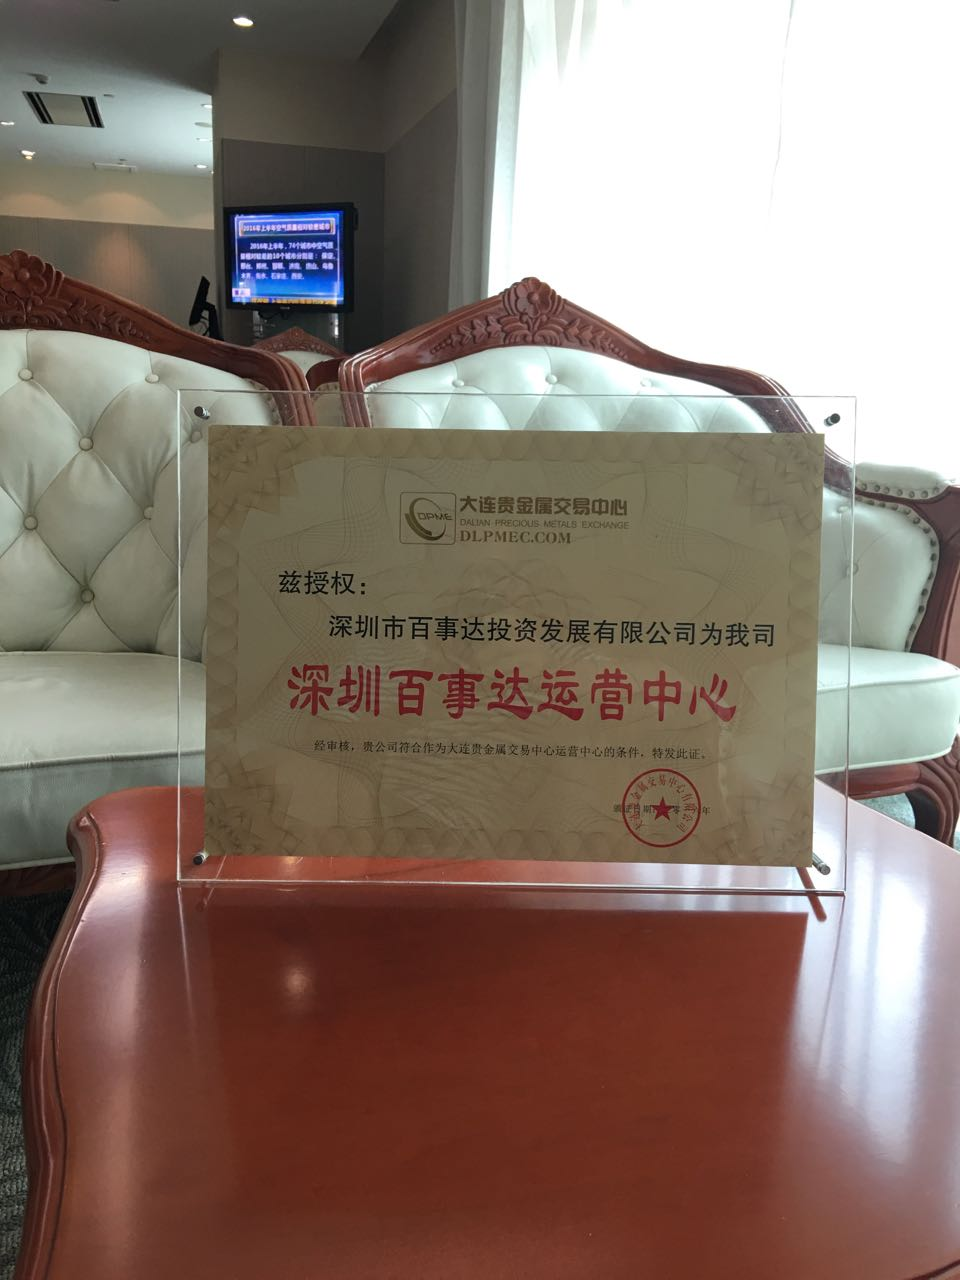 来自牛传龙发布的商务合作信息:... - 深圳市百事达投资发展有限公司